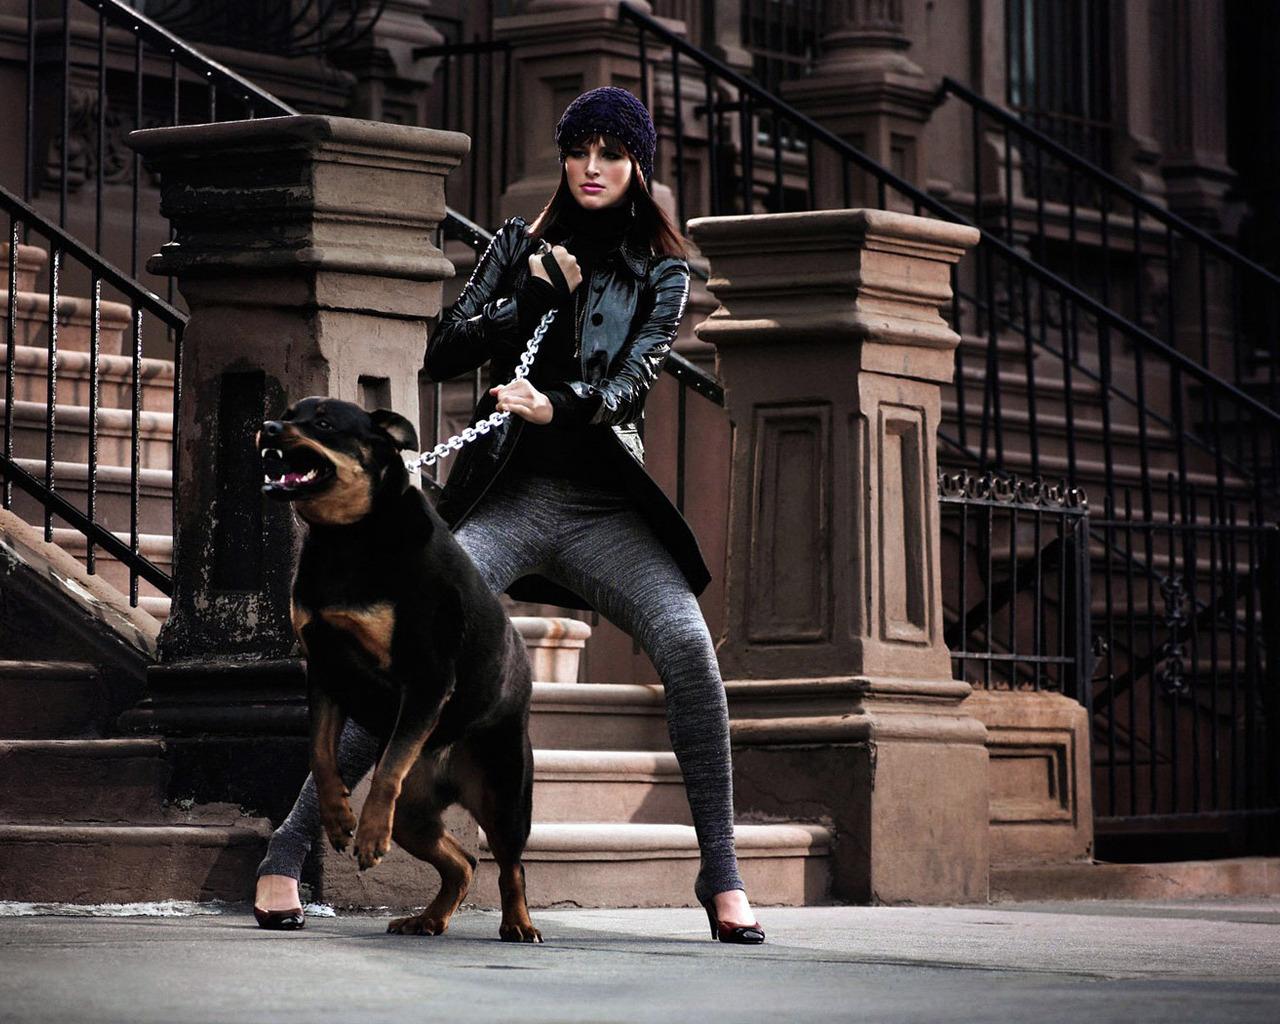 Скачать бесплатно обои на рабочий стол с собакой